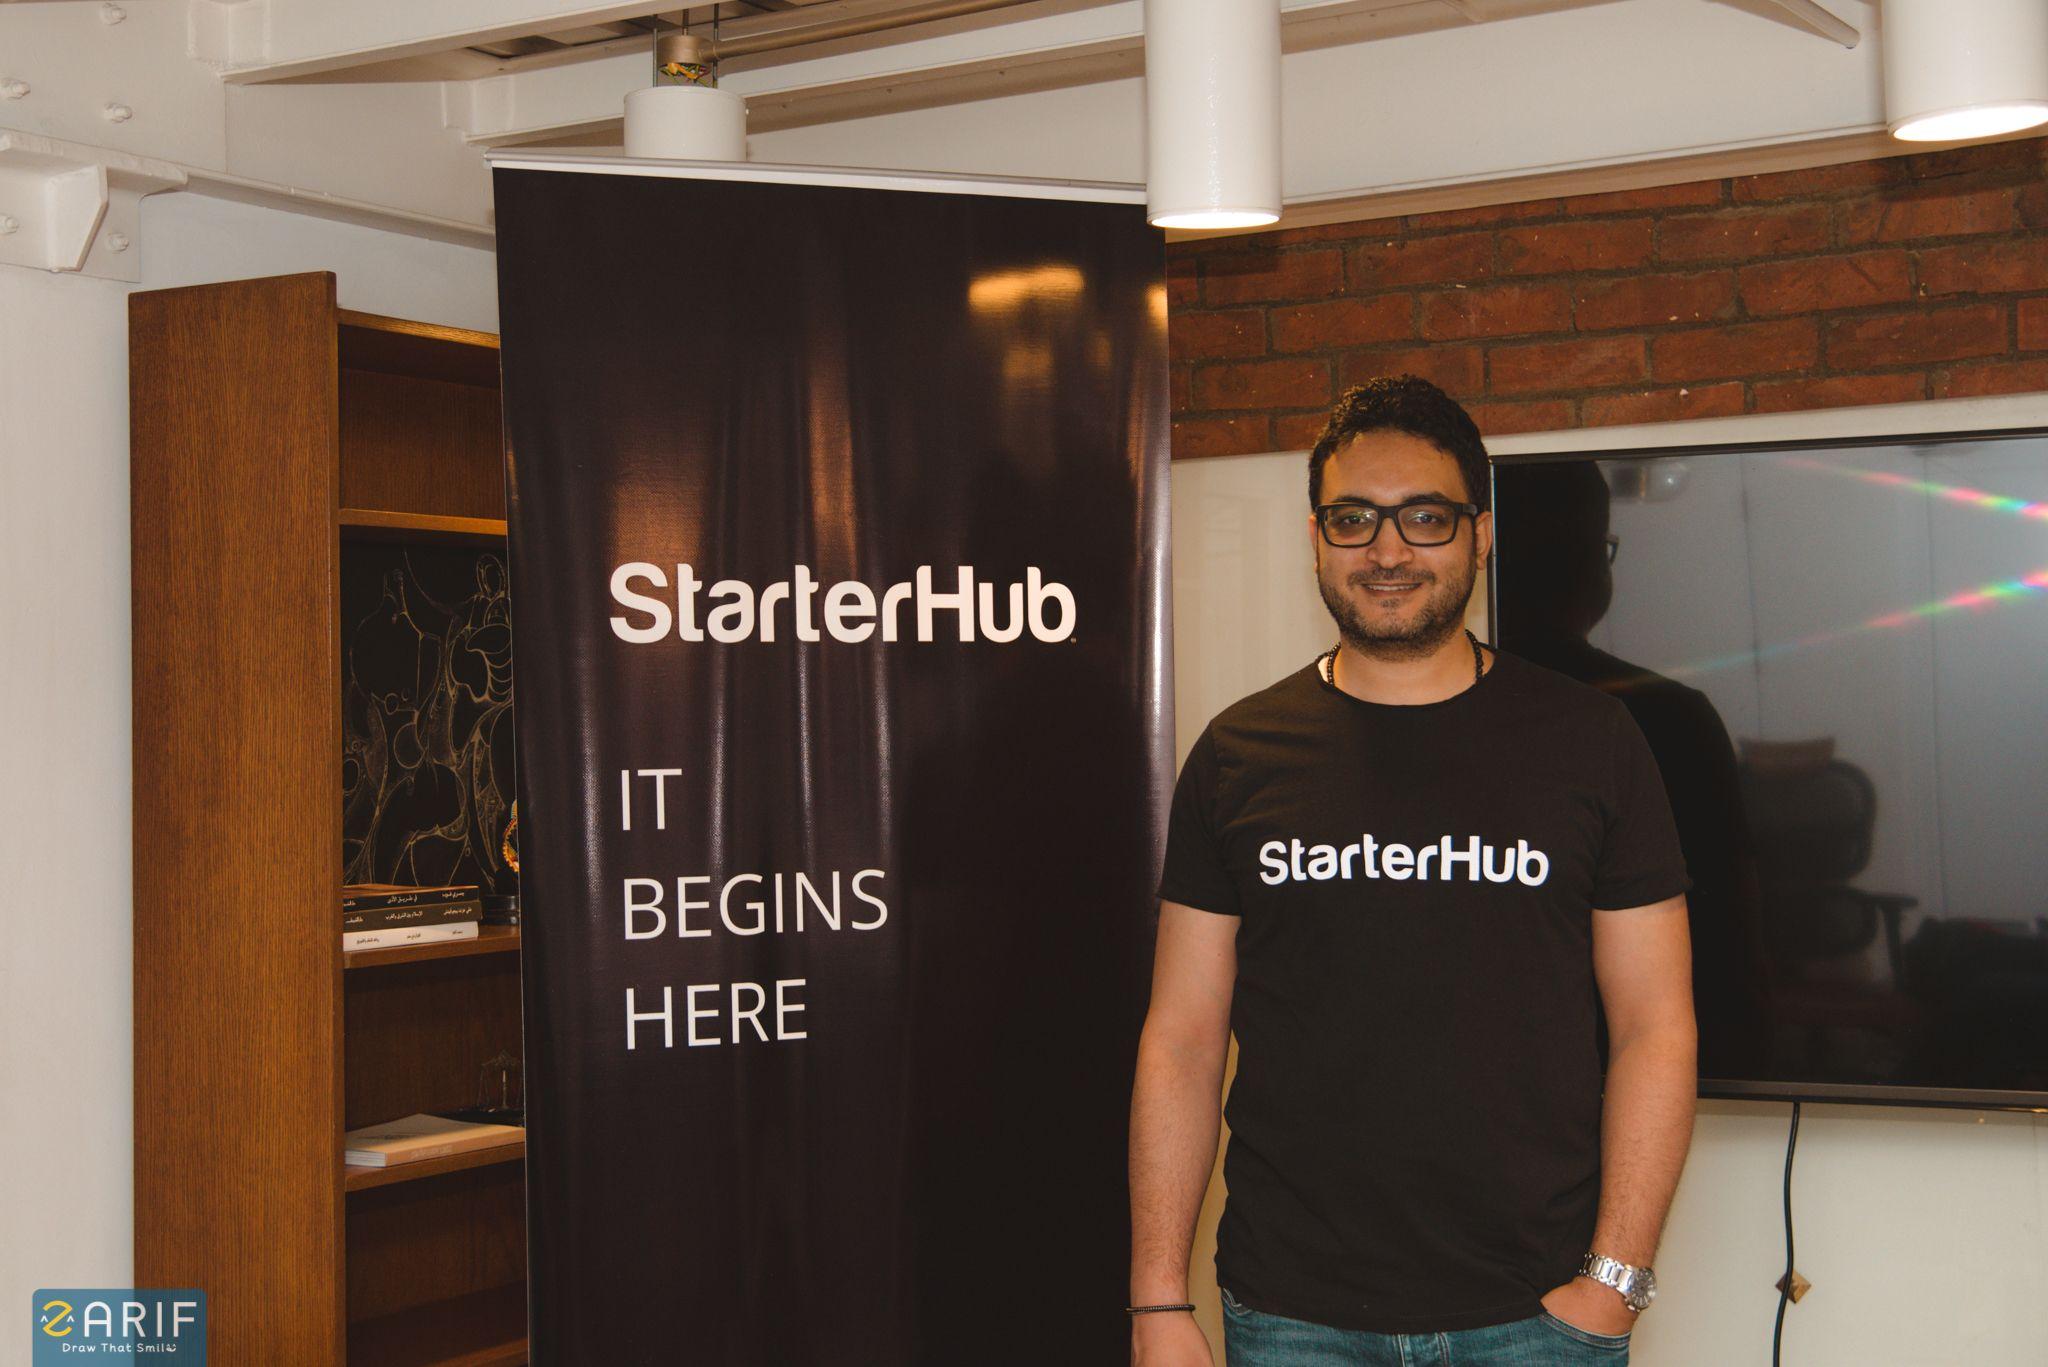 RiseUp acquires StarterHub